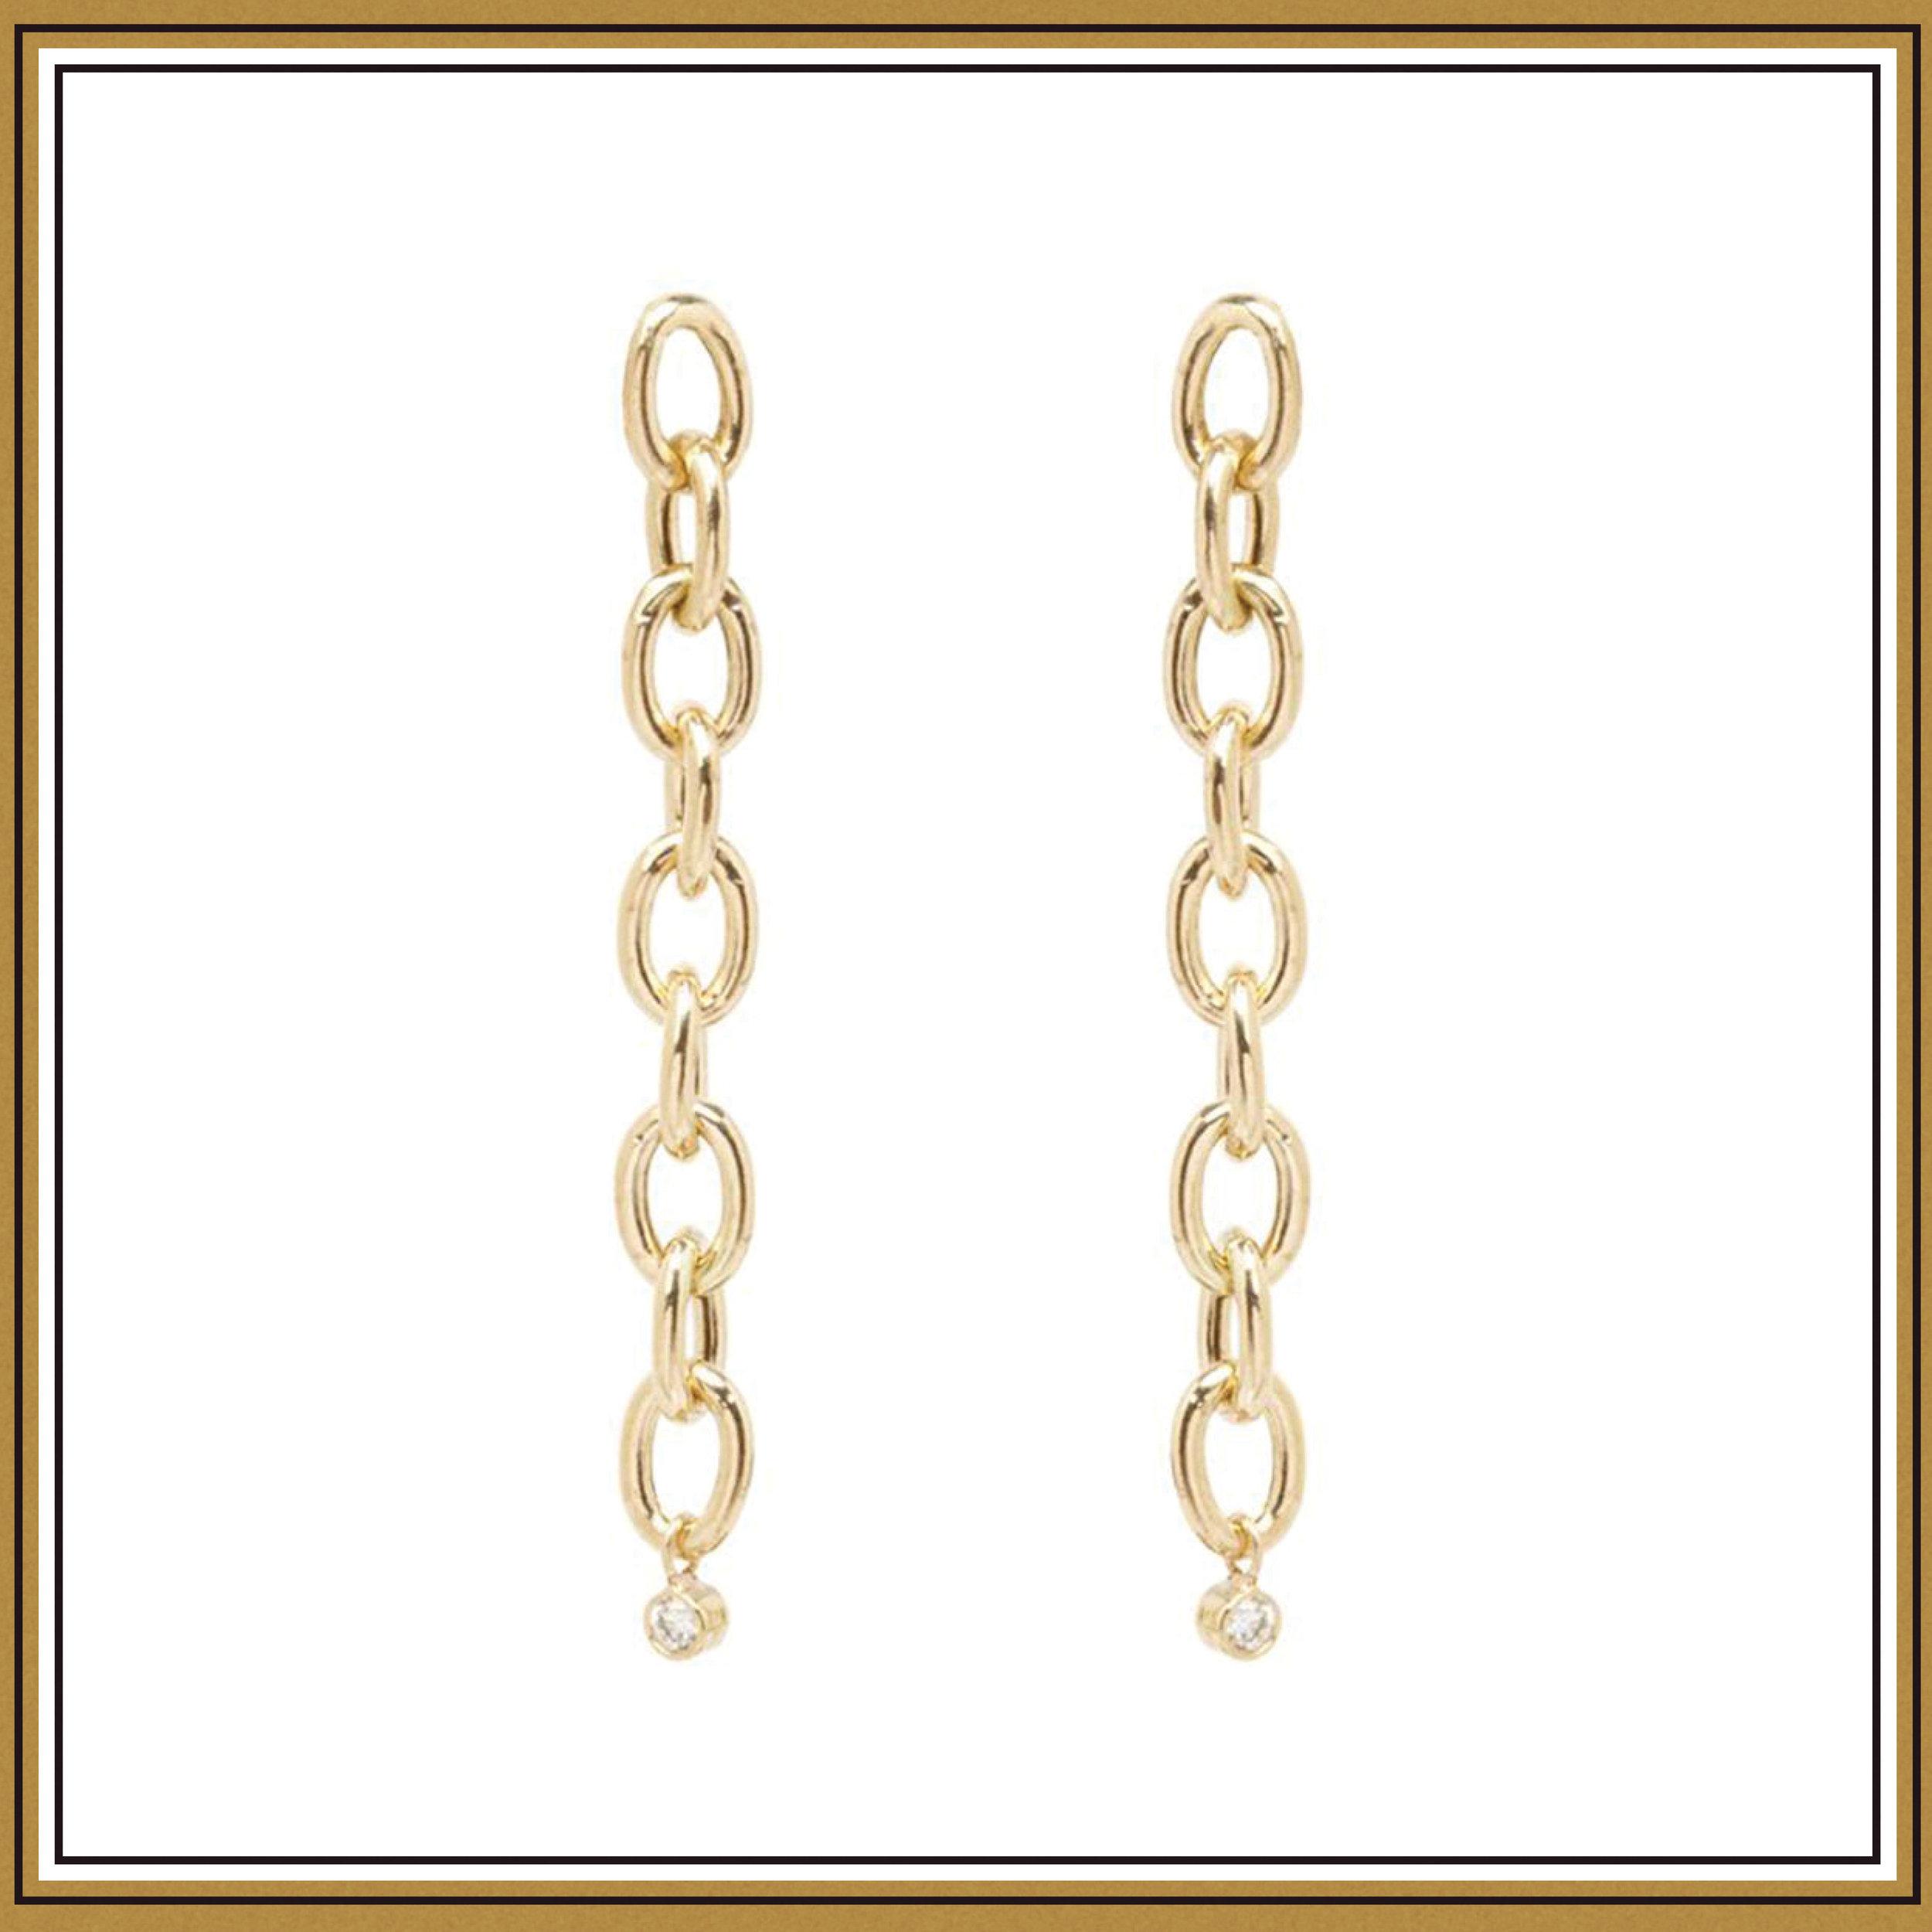 Zoe Chicco 14K Oval Link and Dangling Bezel Diamond Earrings ($495)